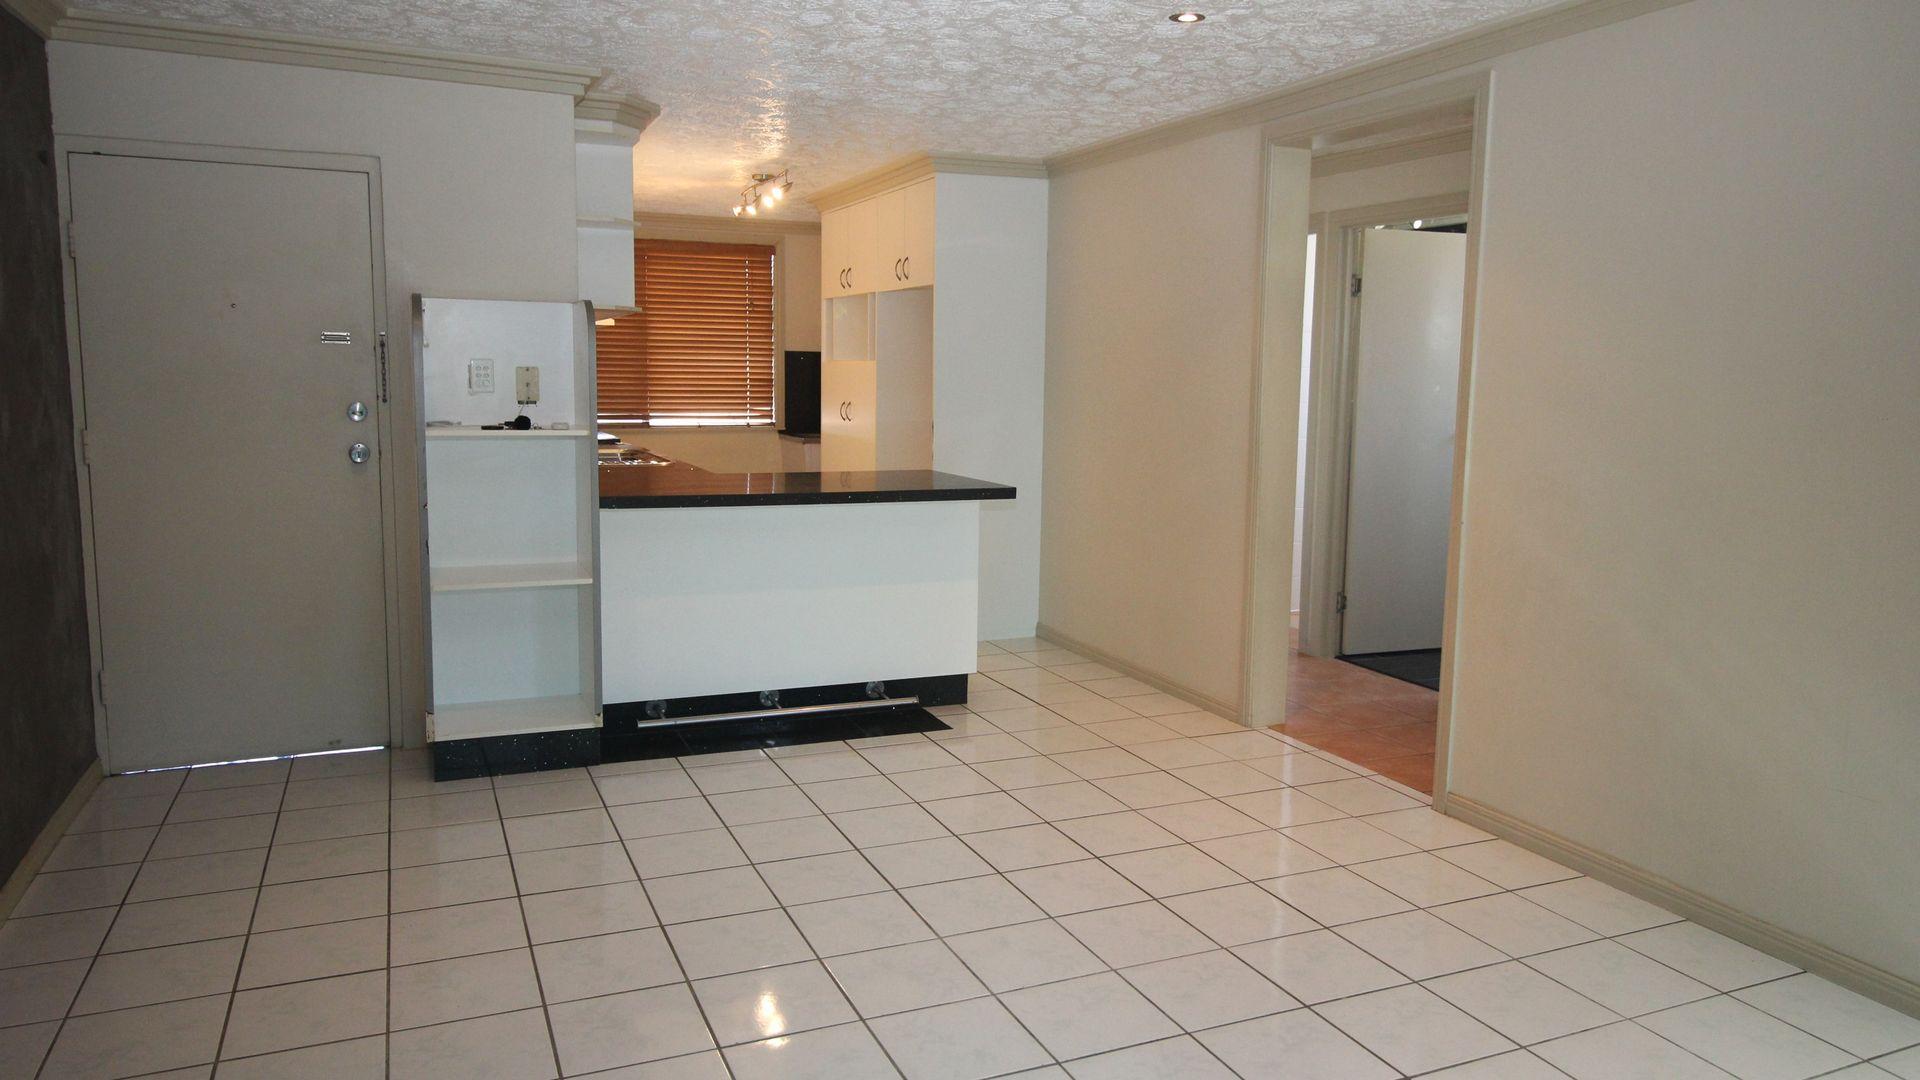 4/8 Adams Street, Heatley QLD 4814, Image 1